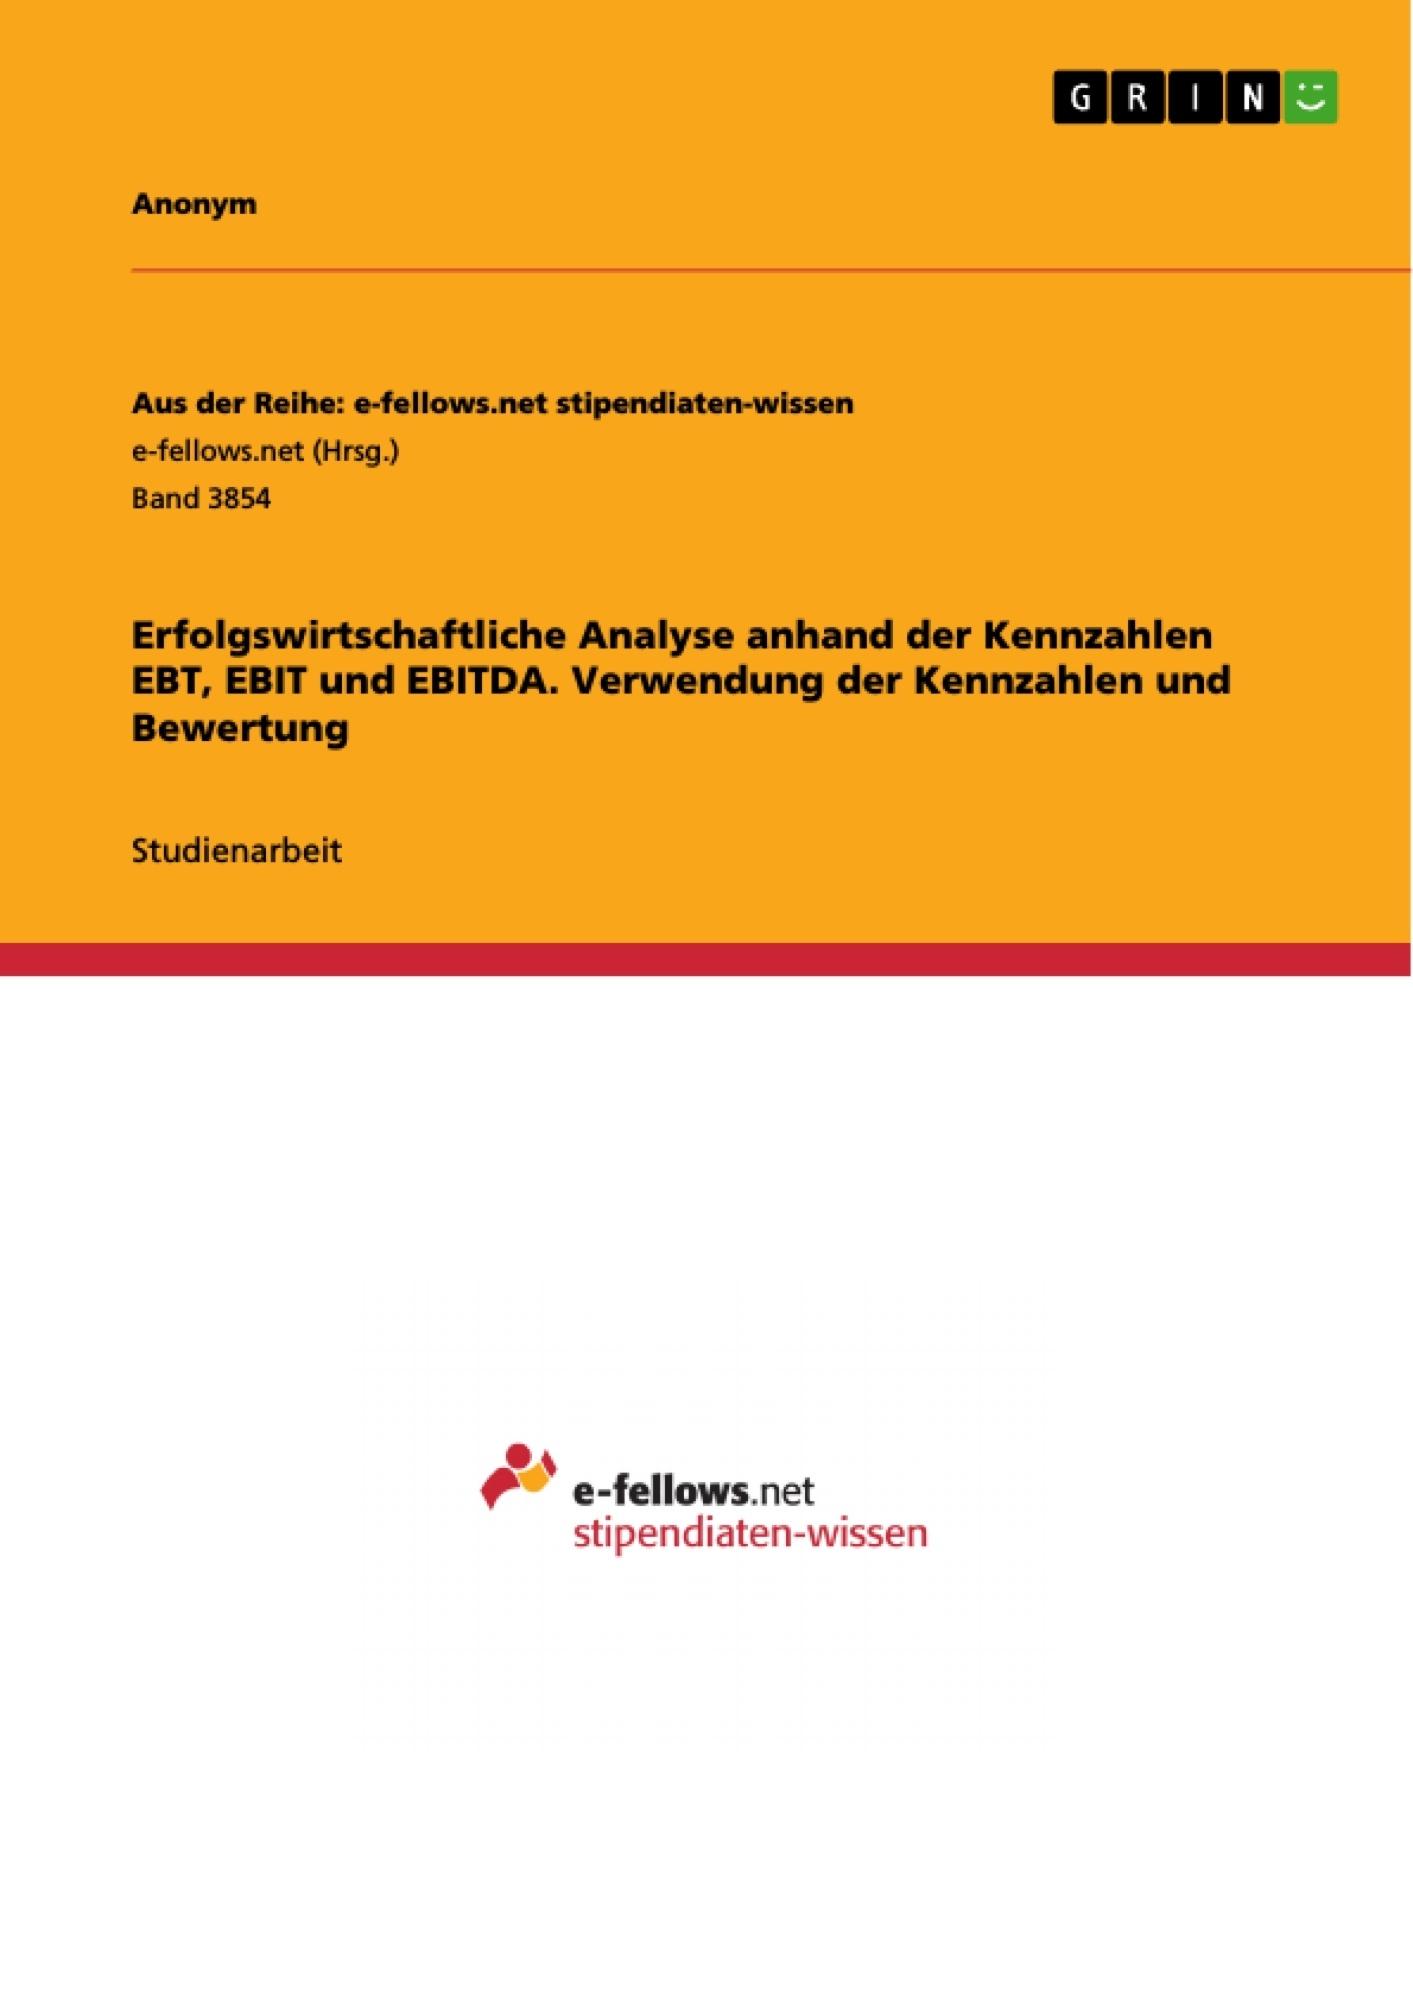 Titel: Erfolgswirtschaftliche Analyse anhand der Kennzahlen EBT, EBIT und EBITDA. Verwendung der Kennzahlen und Bewertung